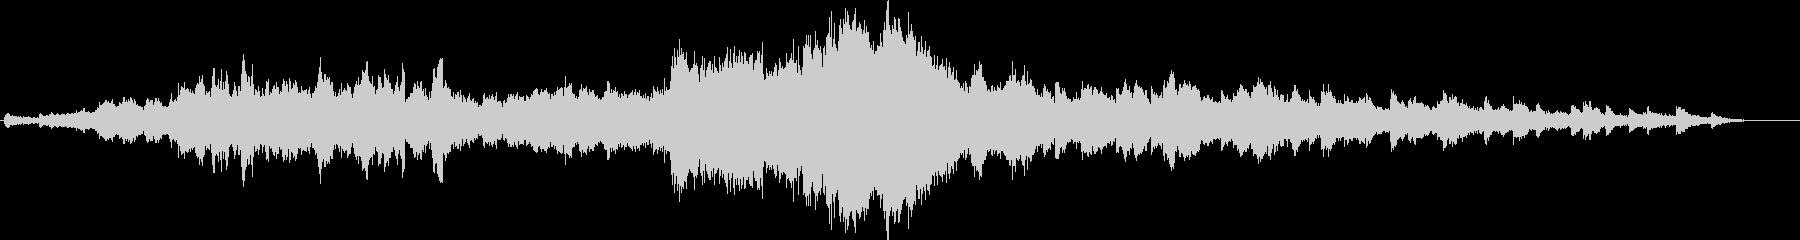 さらさら流れる清流をイメージした音楽の未再生の波形